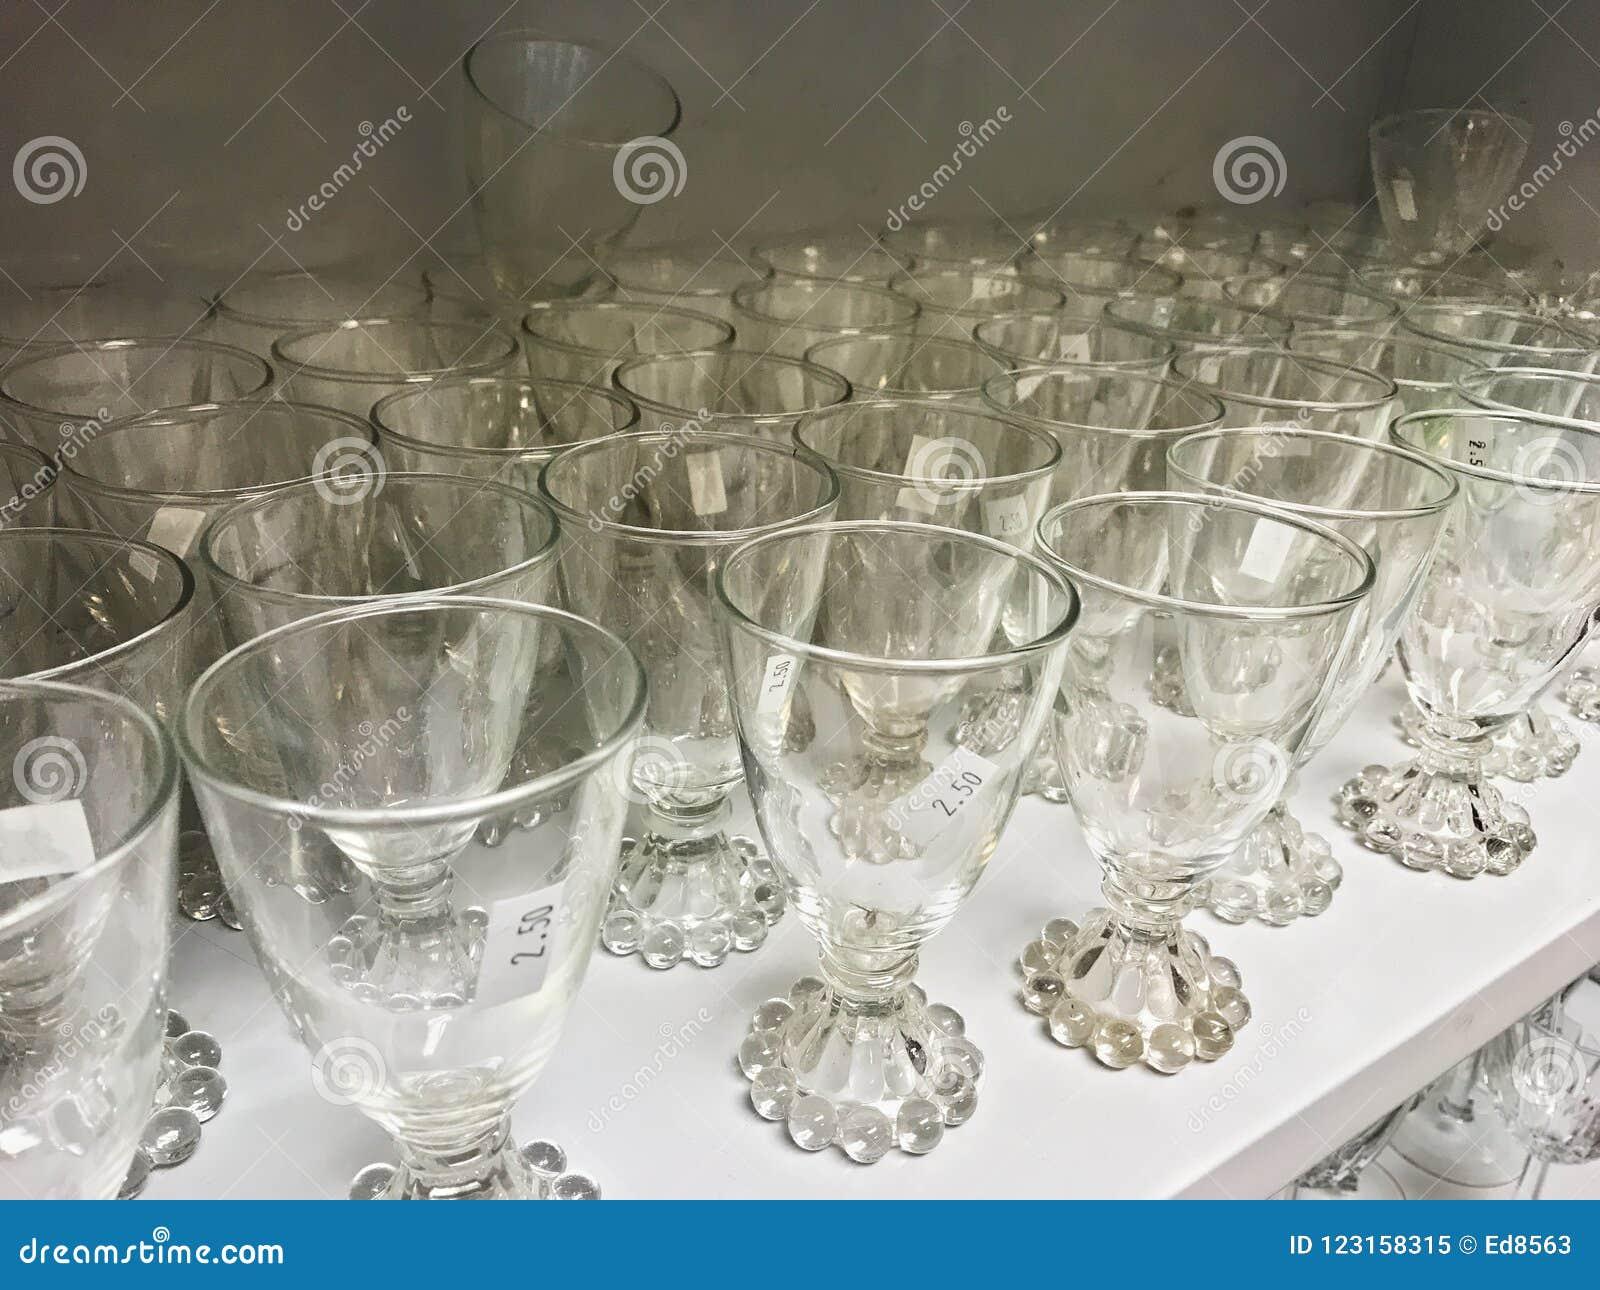 Altglas Kristallstemware auf einem Regal im Gebrauchtwarenladen